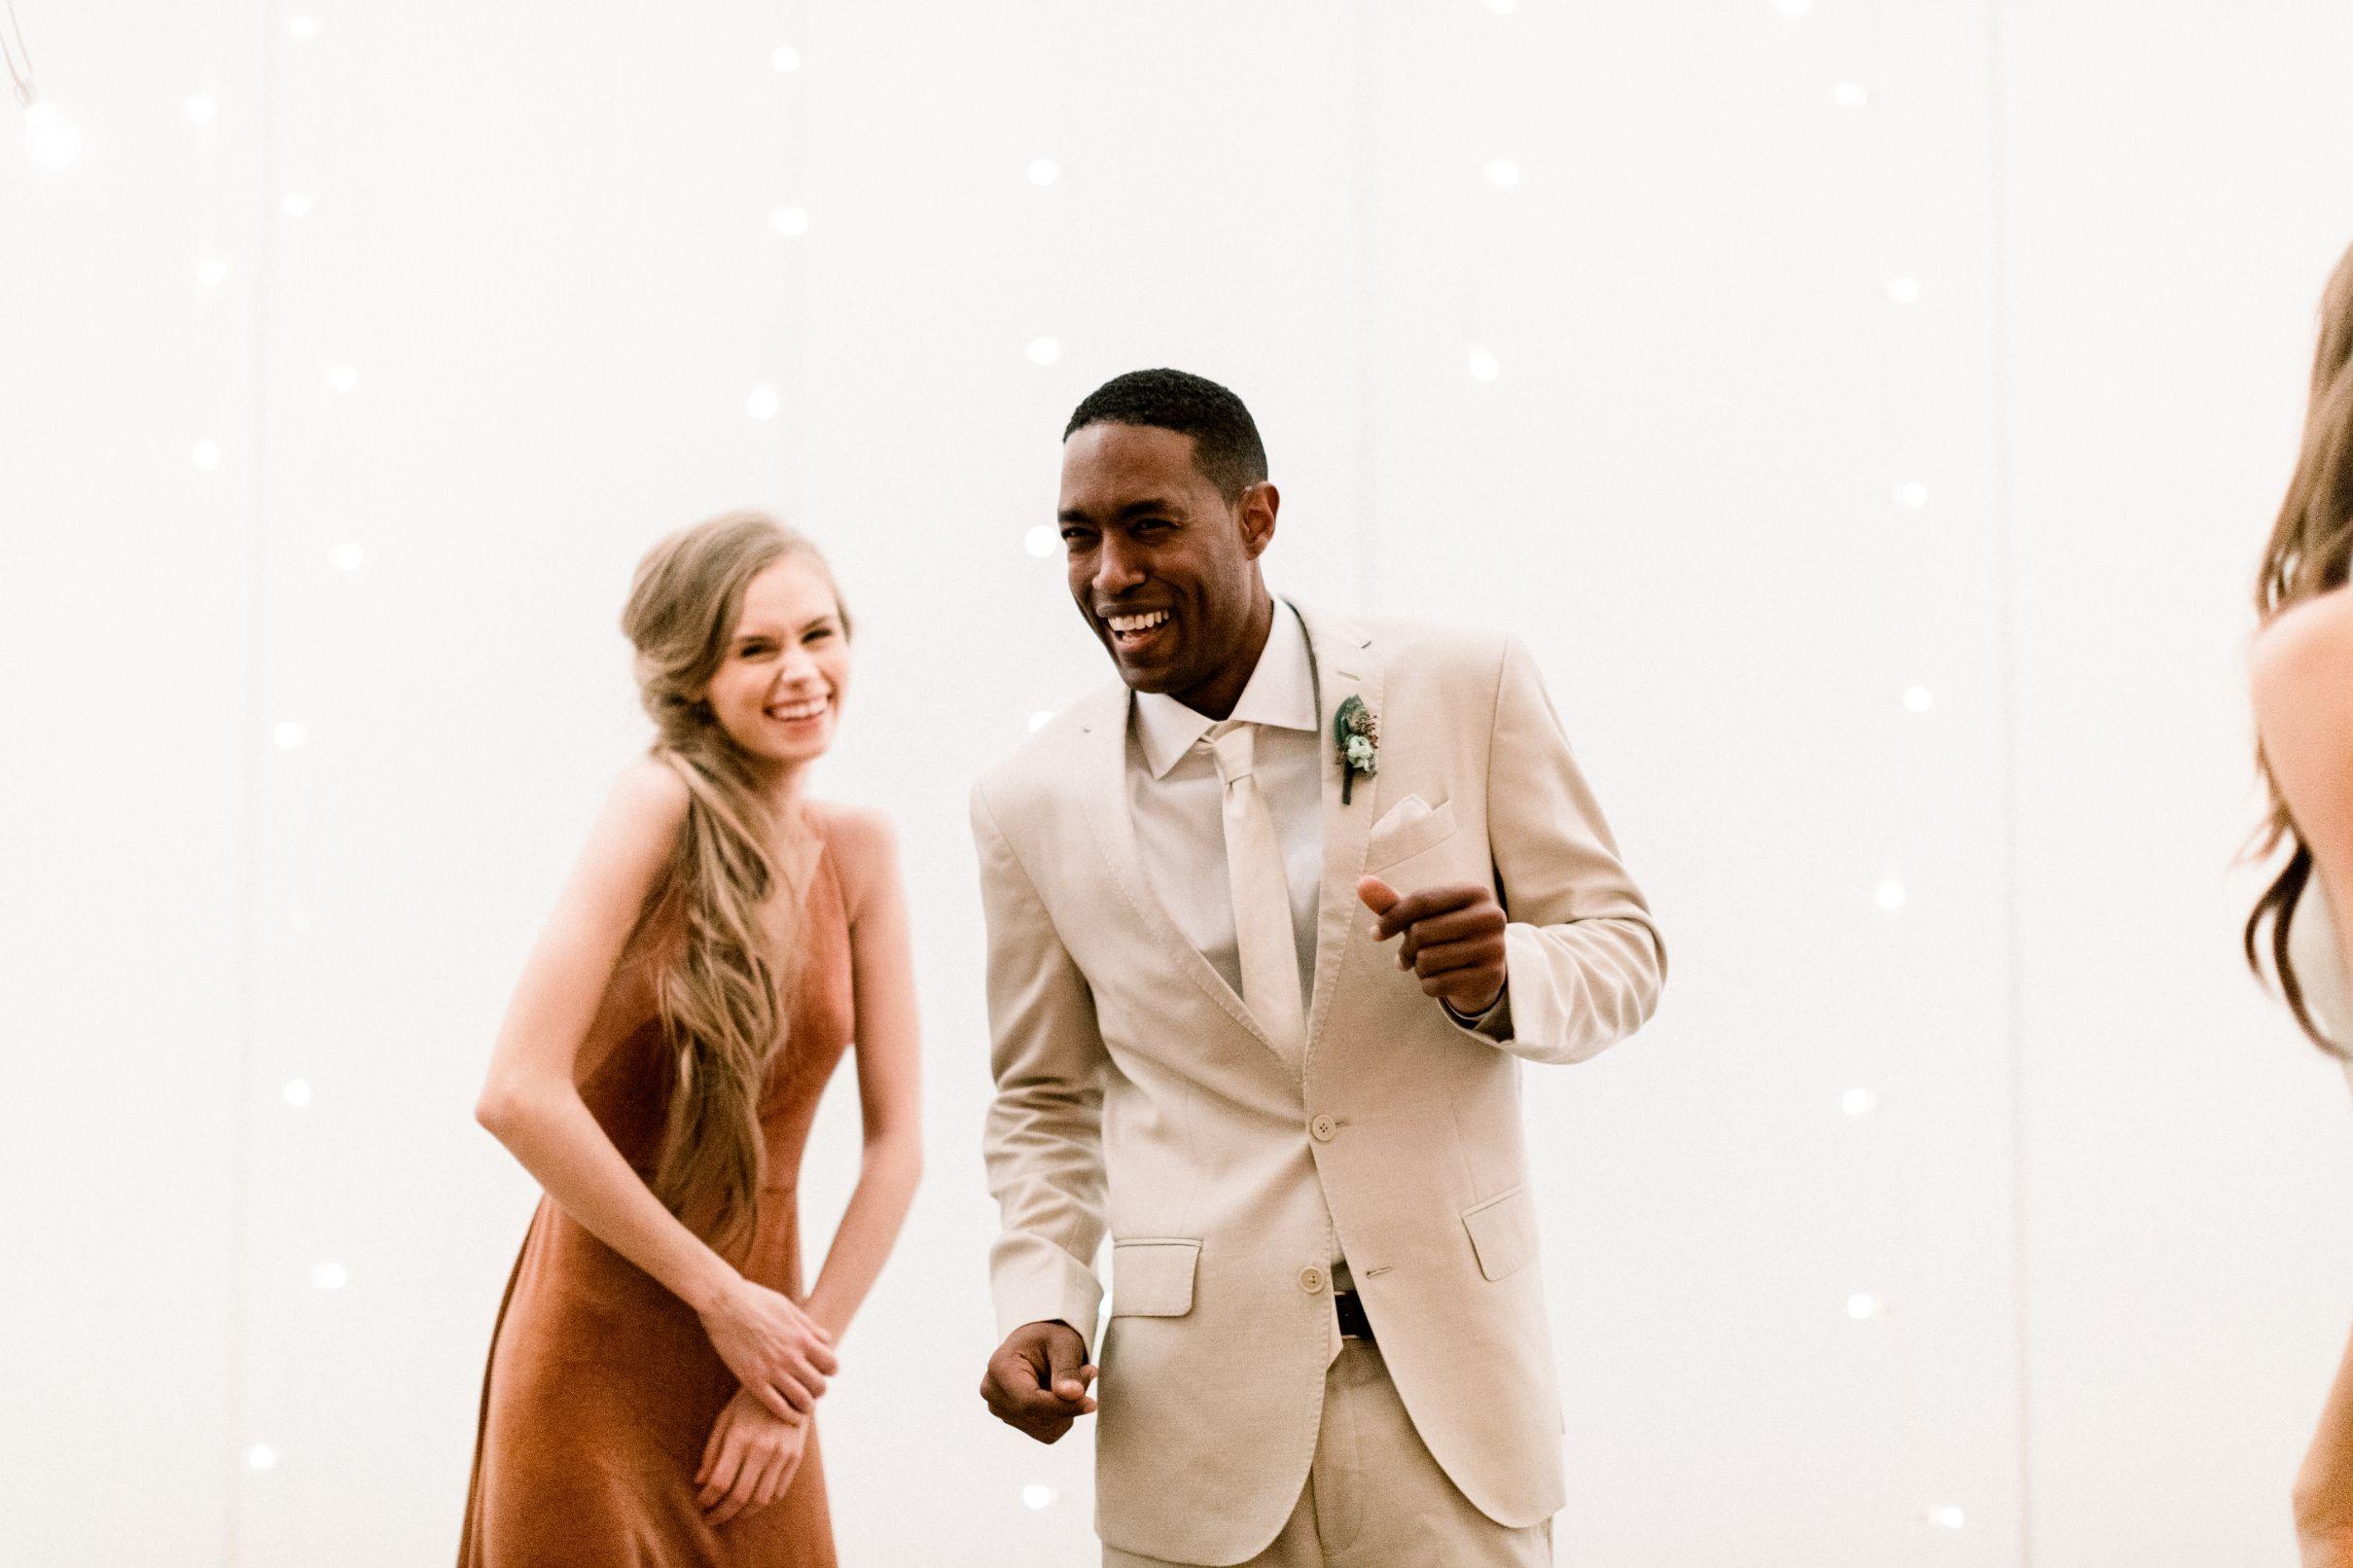 artists-for-humanity-industrial-bohemian-wedding-daylynn-designs421.jpg